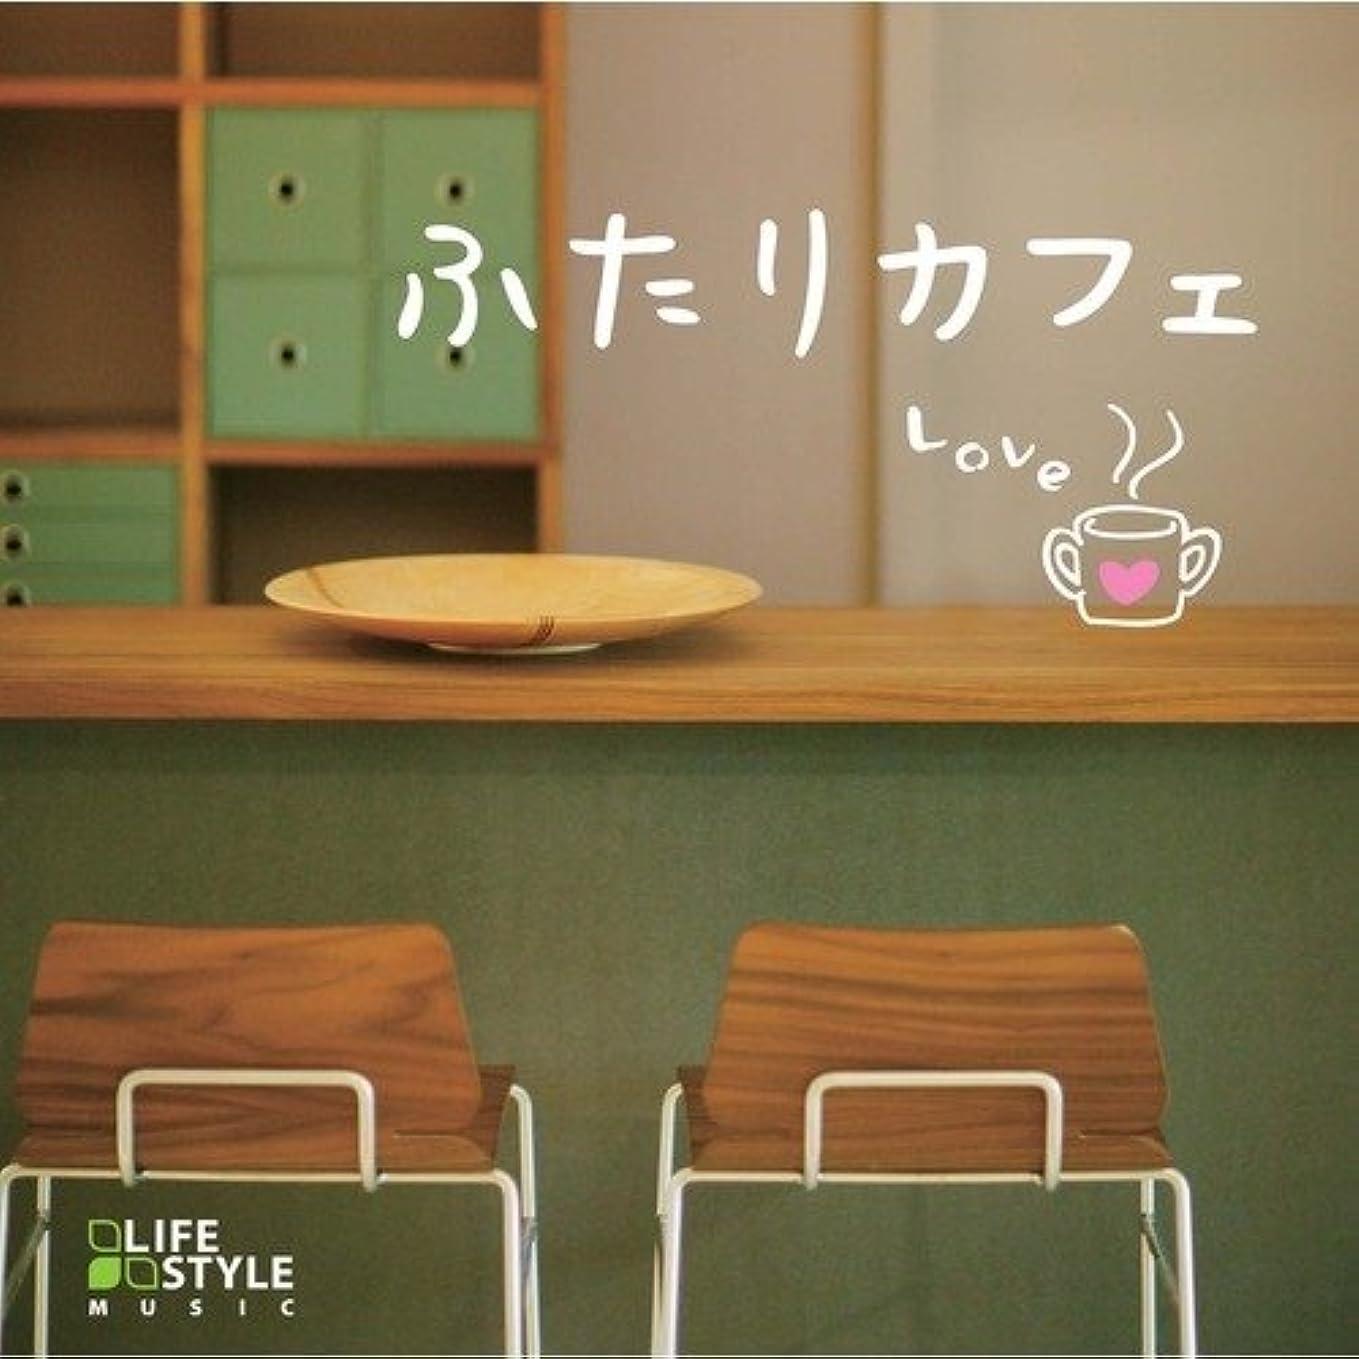 血まみれの落花生安らぎデラ ふたりカフェ?LOVE DLDH-1858